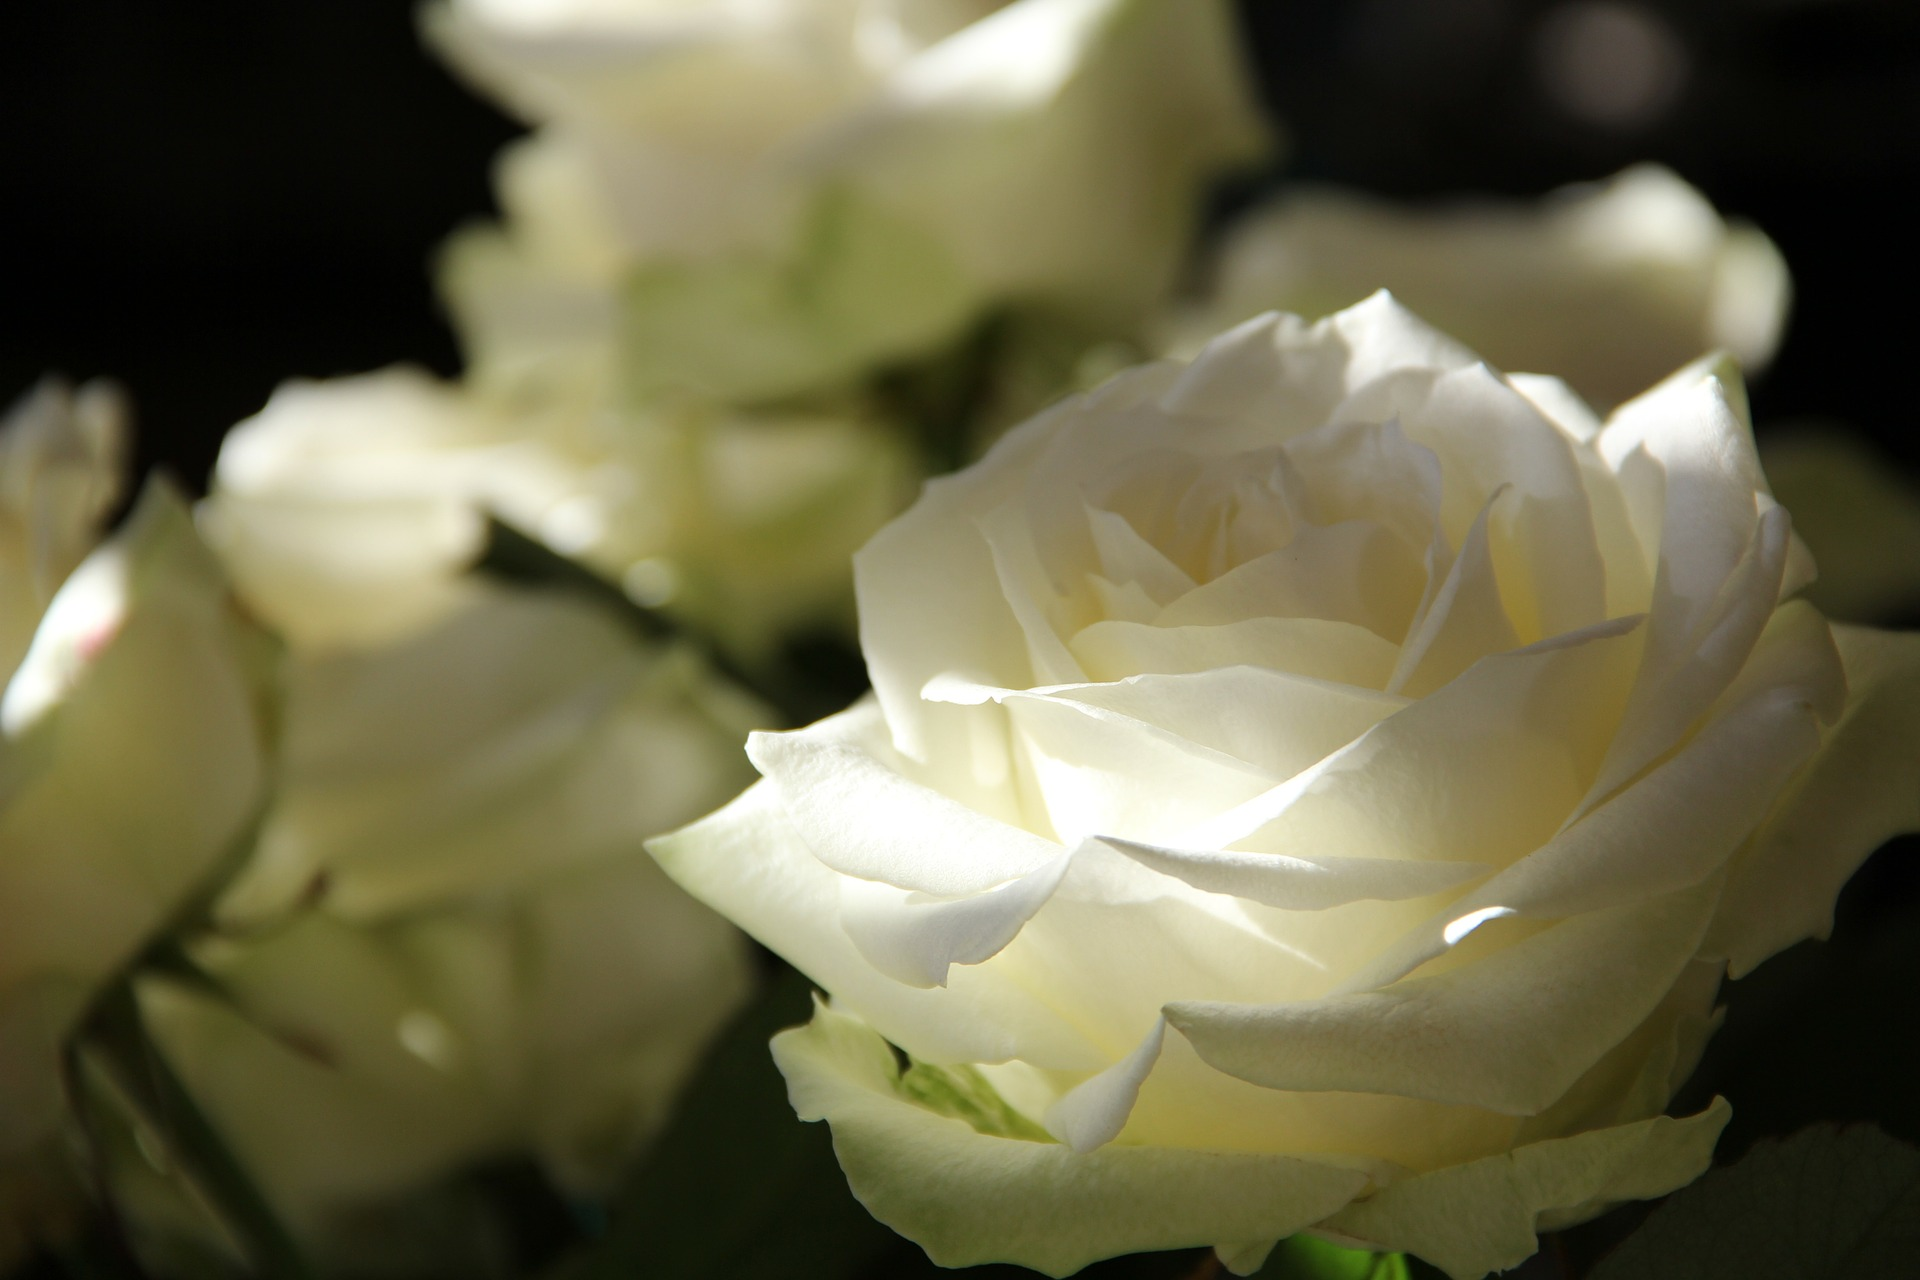 La rose du deuil. Un outil pour accompagner le deuil